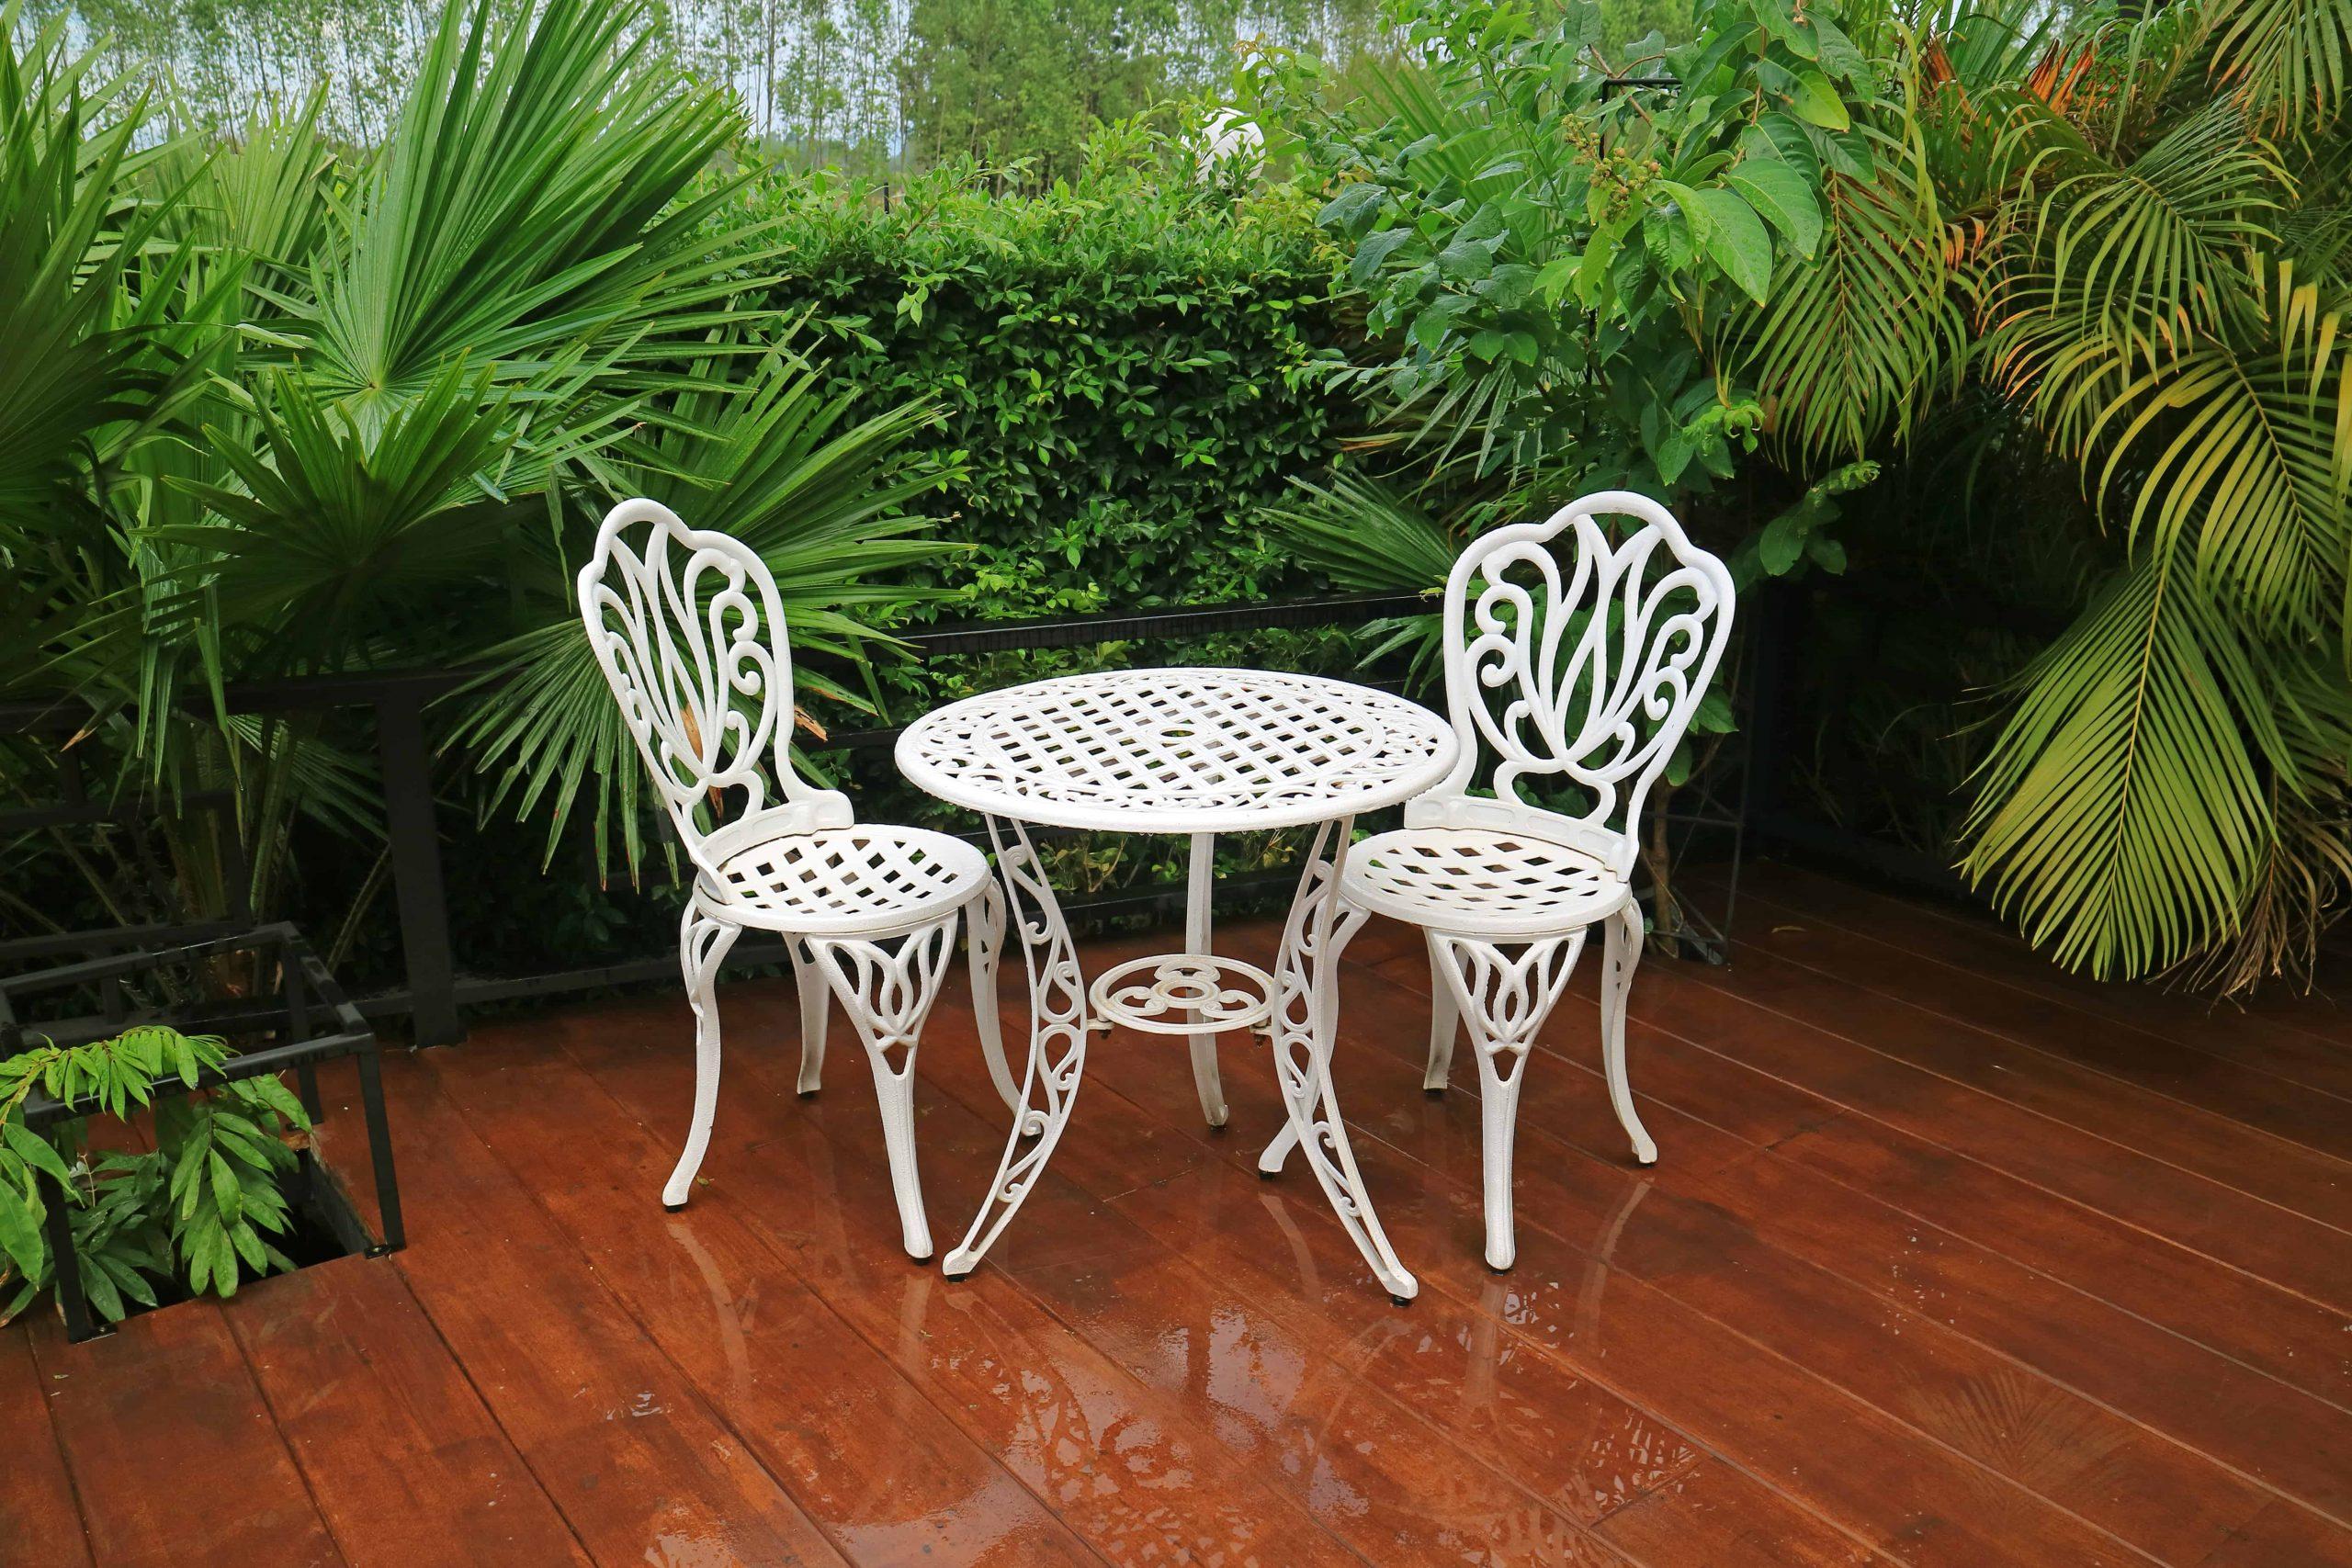 Schutzhülle für Gartenmöbel: Test & Empfehlungen (01/21)